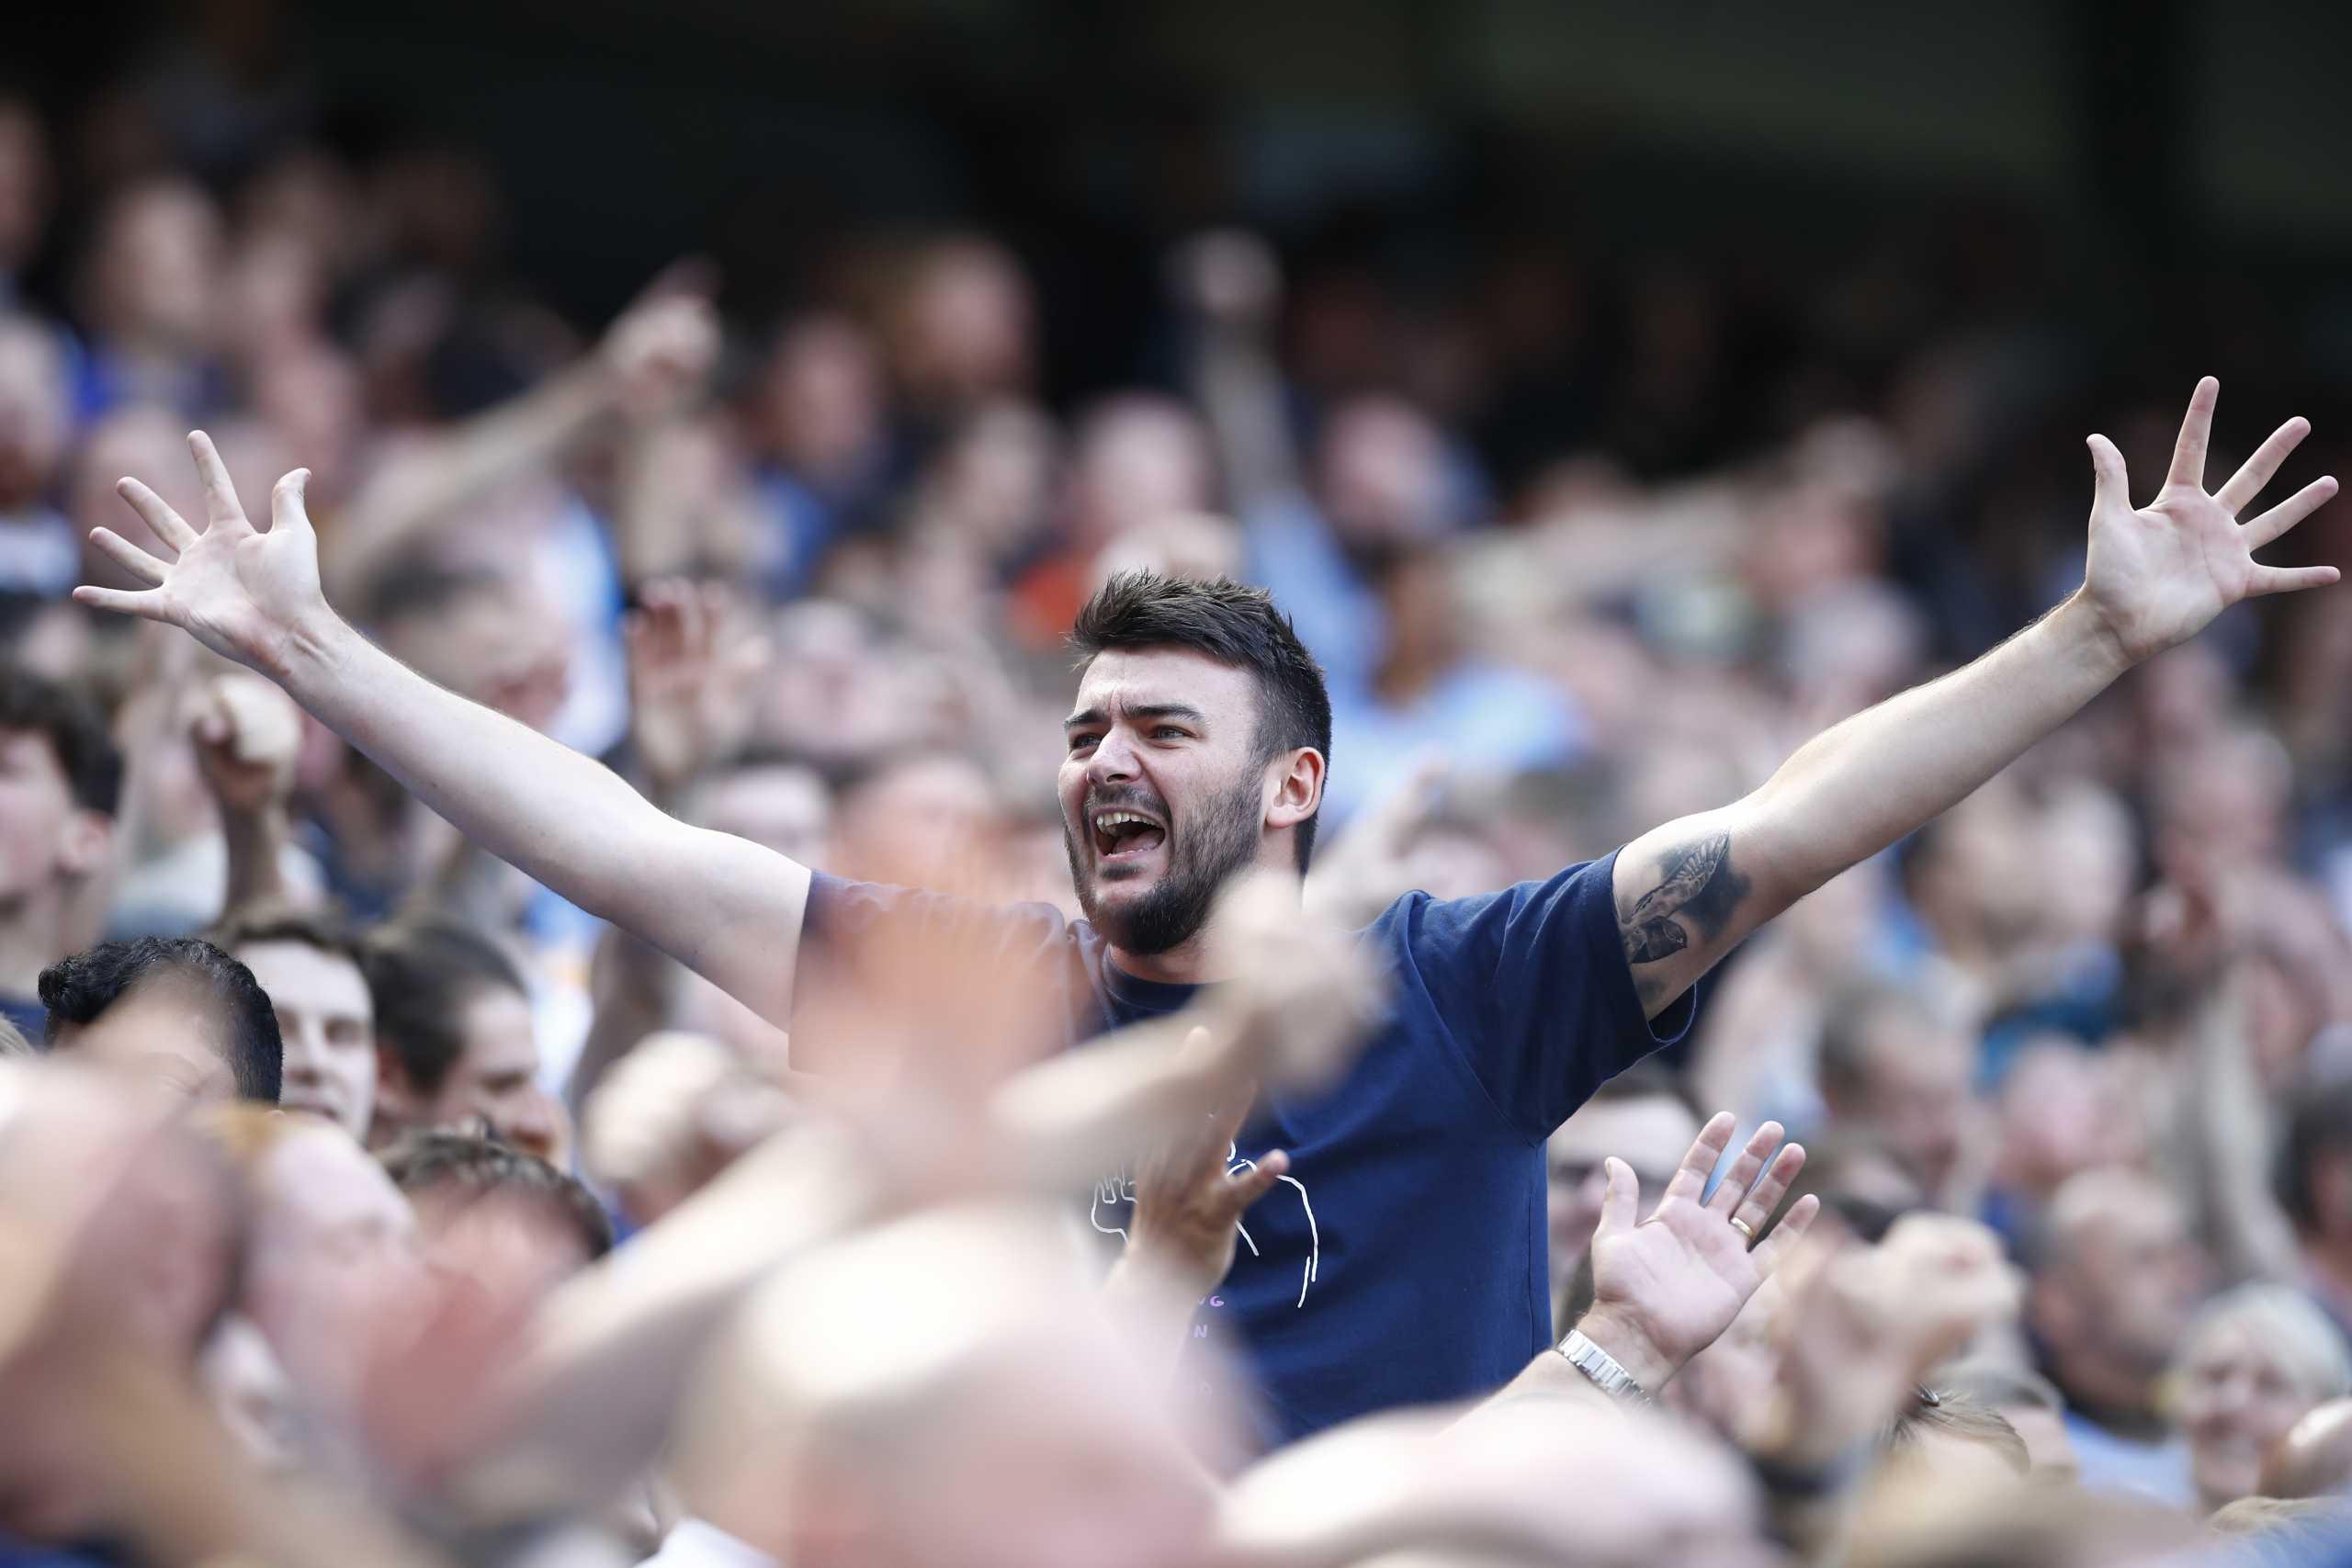 Μάντσεστερ Σίτι – Άρσεναλ: Οι οπαδοί των «κανονιέρηδων» πανηγύρισαν το 4ο γκολ που δέχθηκαν